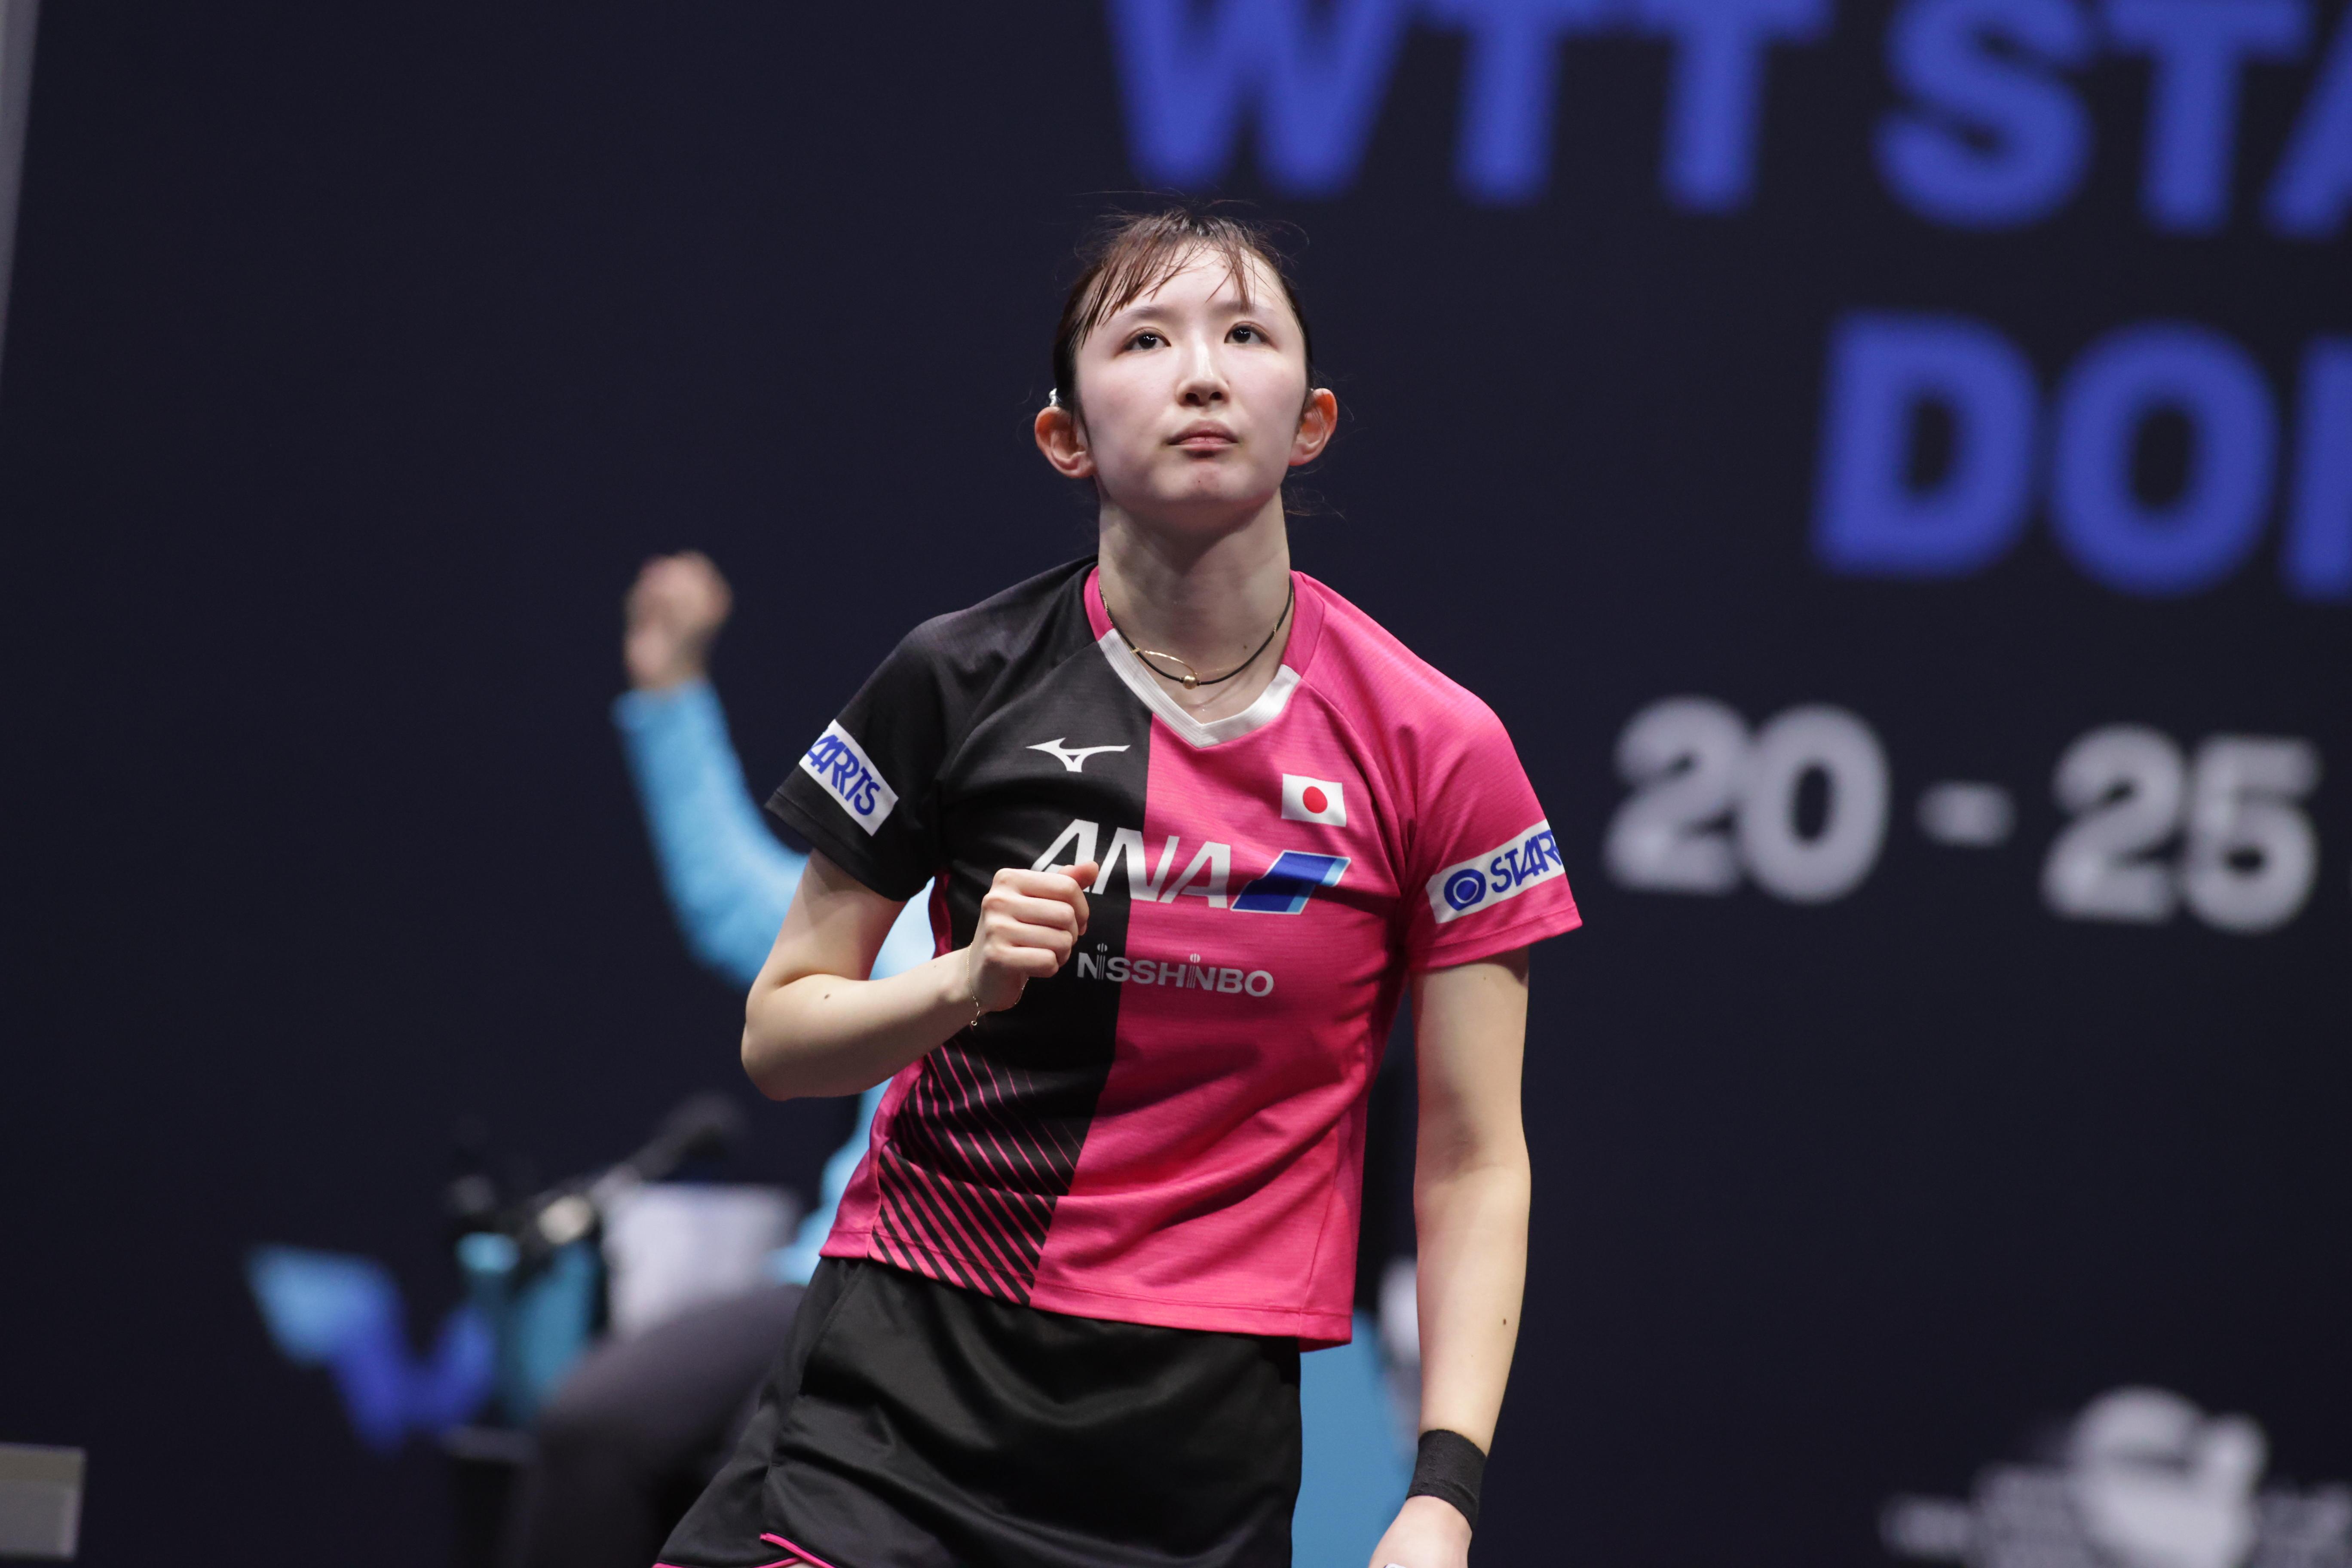 国際大会二冠の早田ひな「ダブルスもシングルスも強い」へ進化【WTTスターコンテンダードーハ】